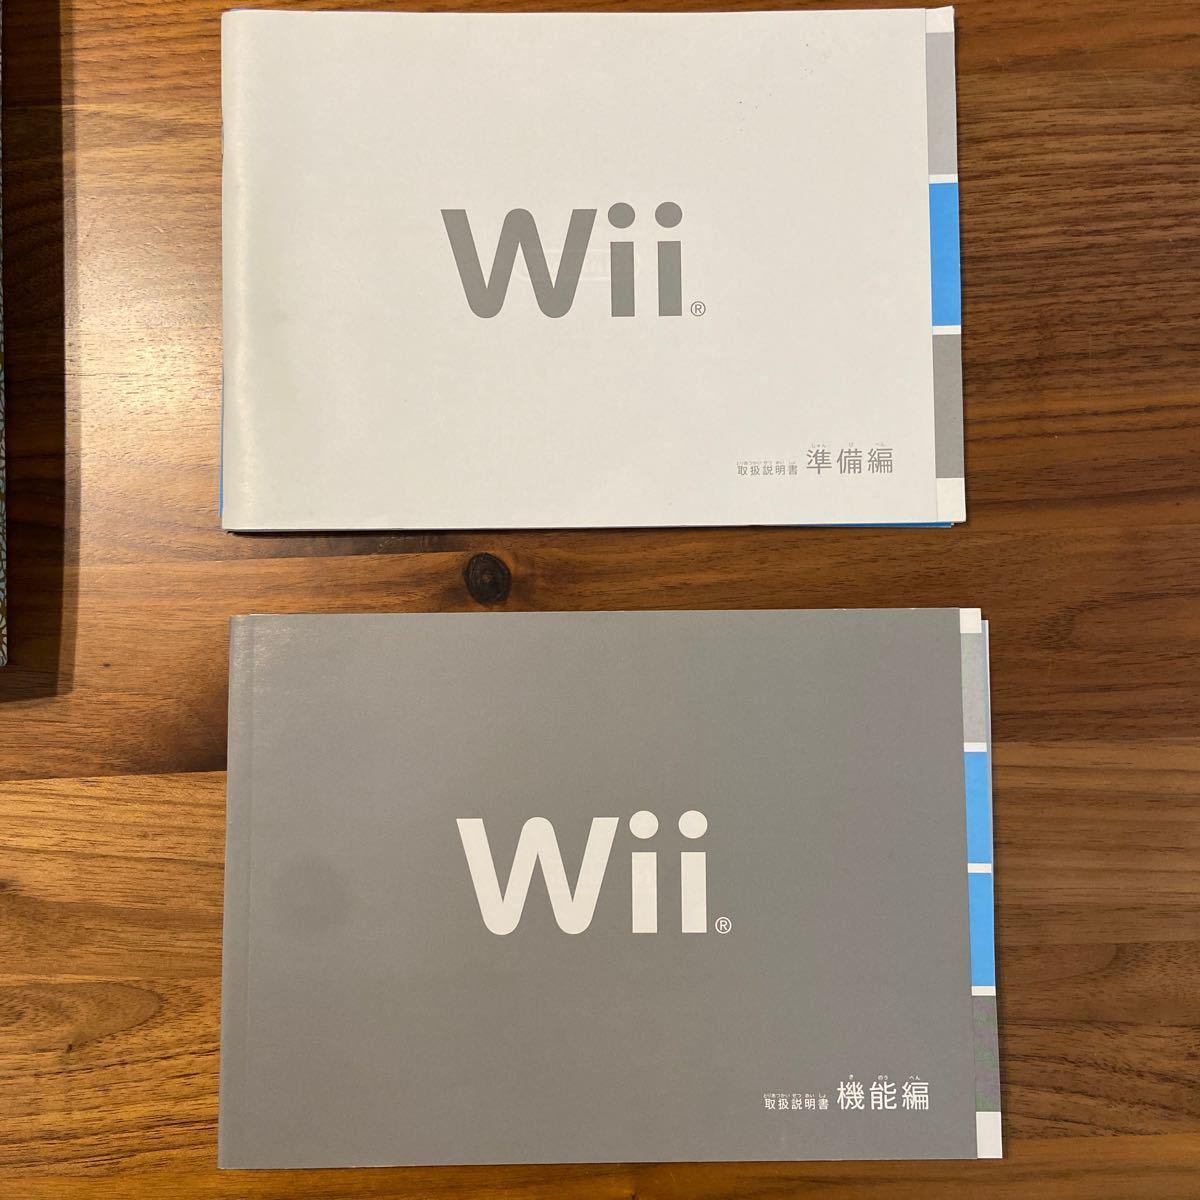 任天堂Wii Wii fit  Nintendo ジャストダンス コントローラー Wiiスポーツリゾート ソフト Wiiスポーツ